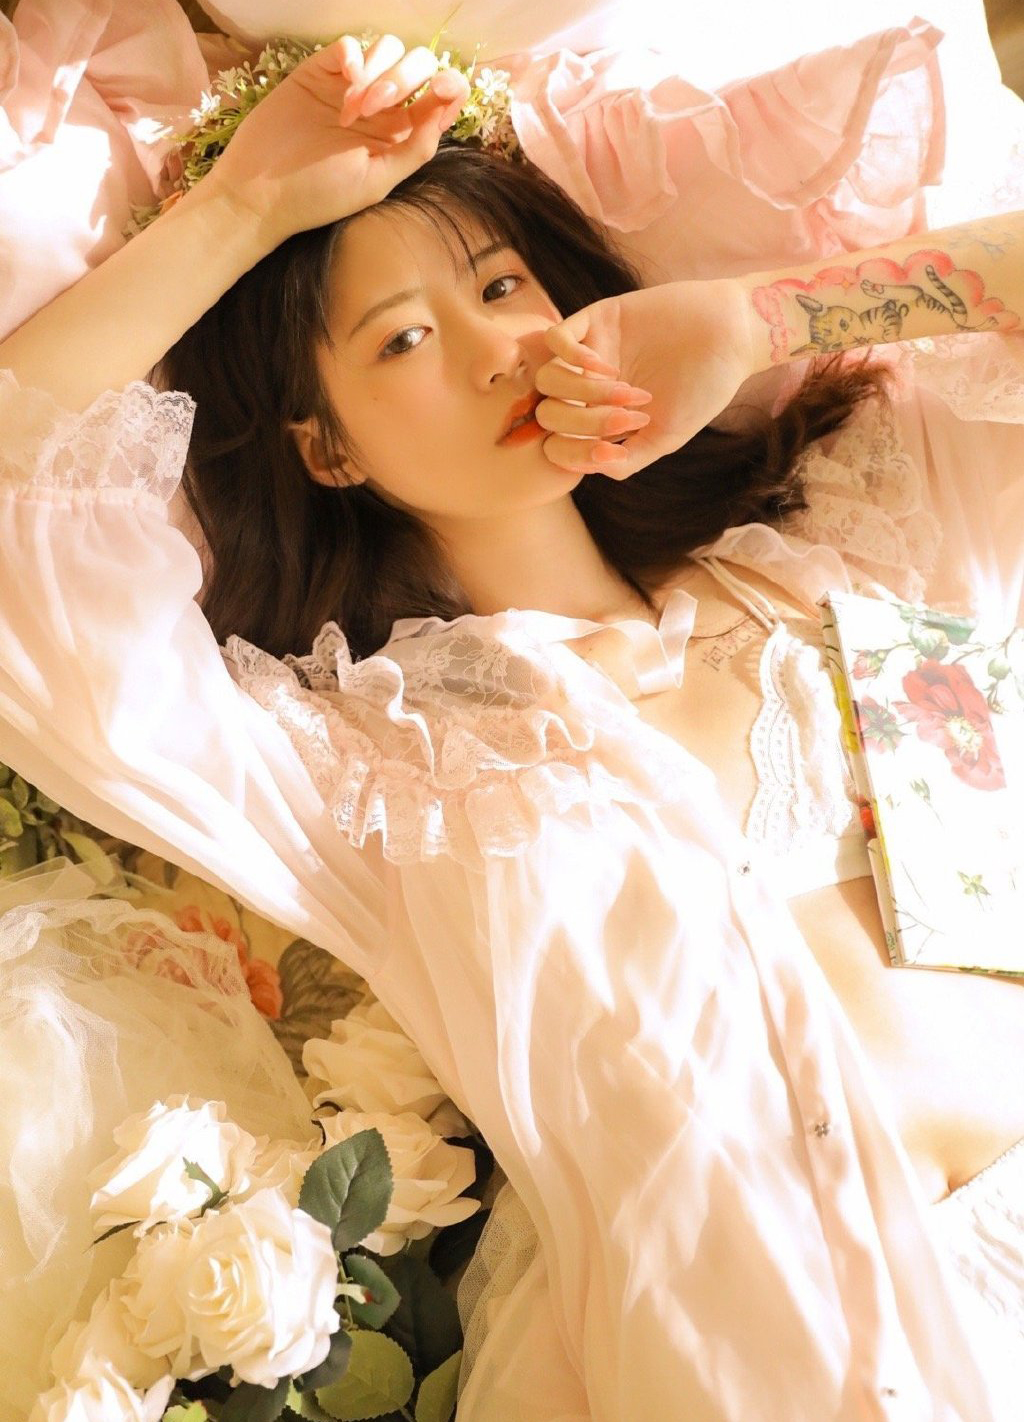 清纯美女性感蕾丝诱惑写真图片